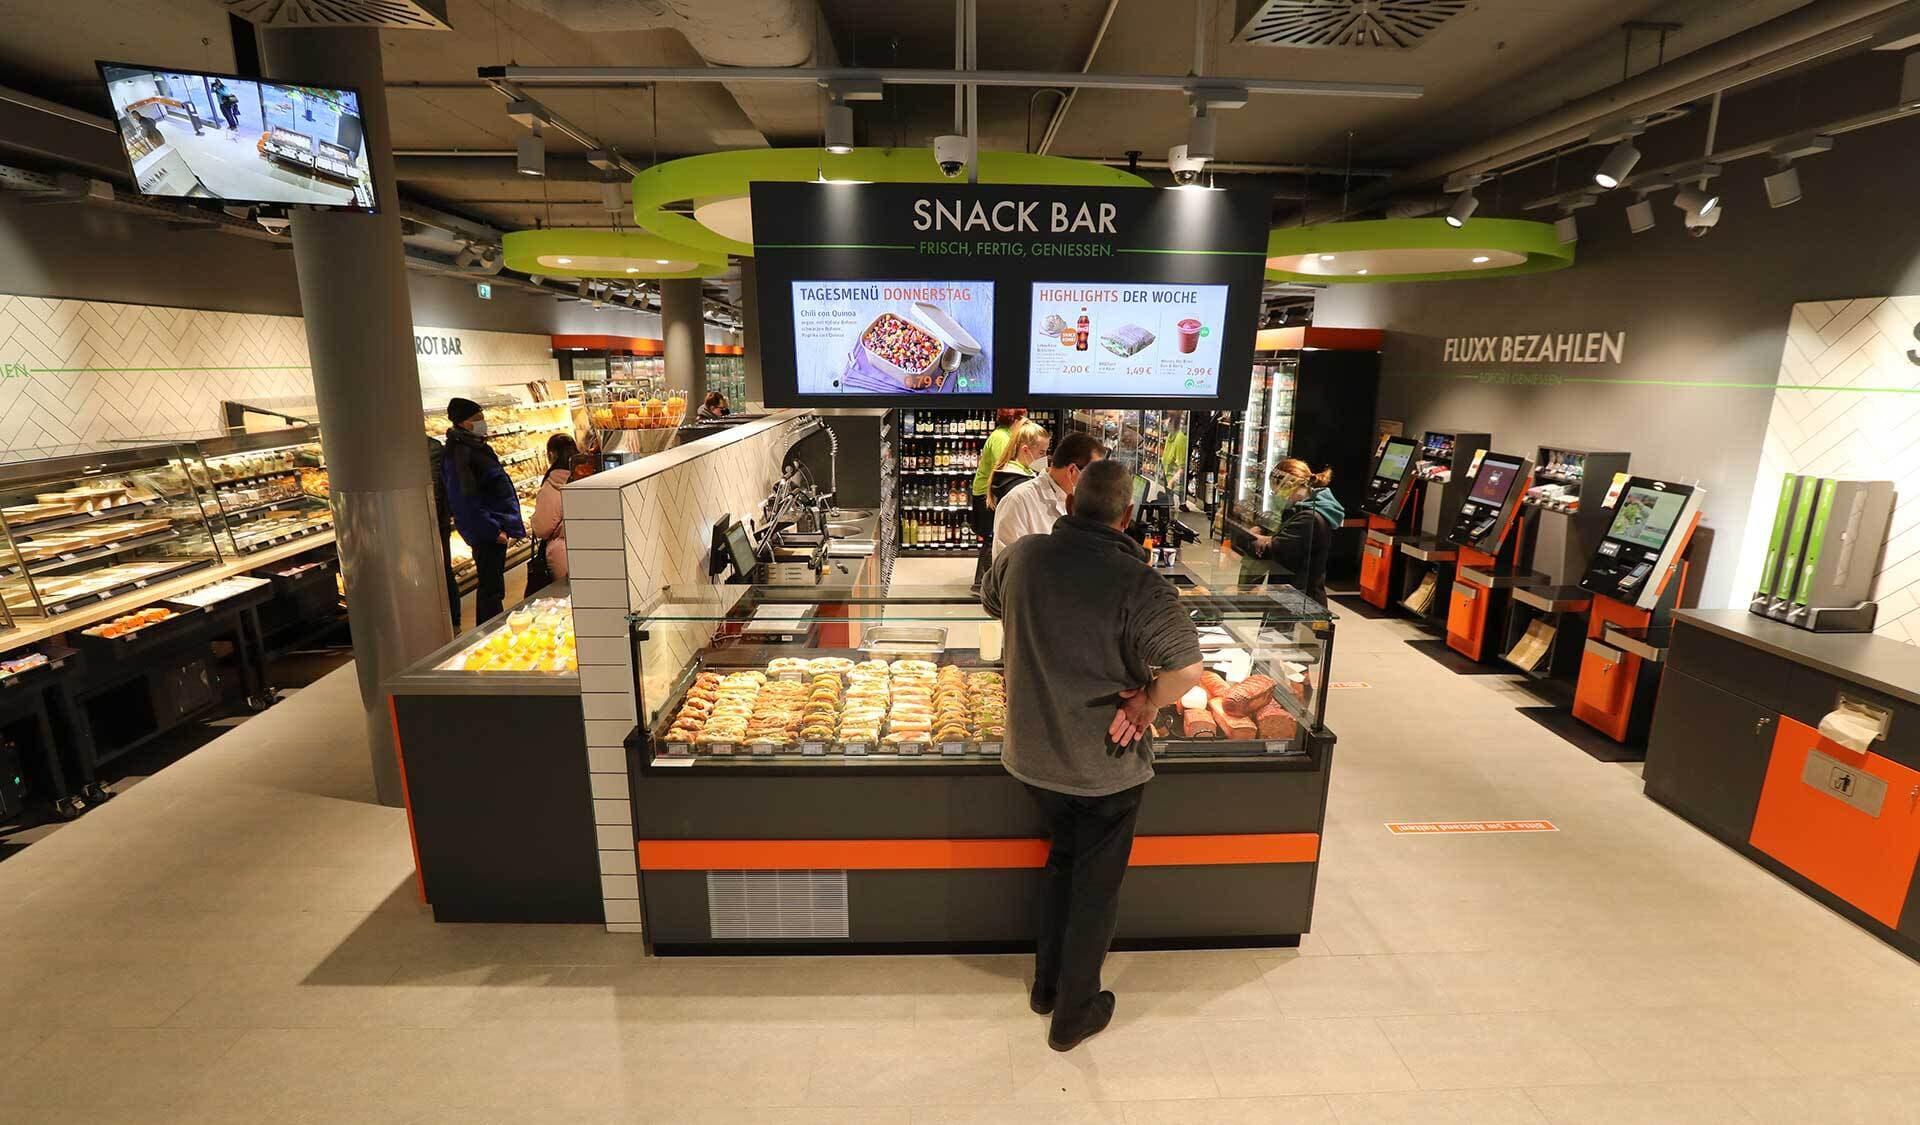 Tegut Quartier Snack Bar